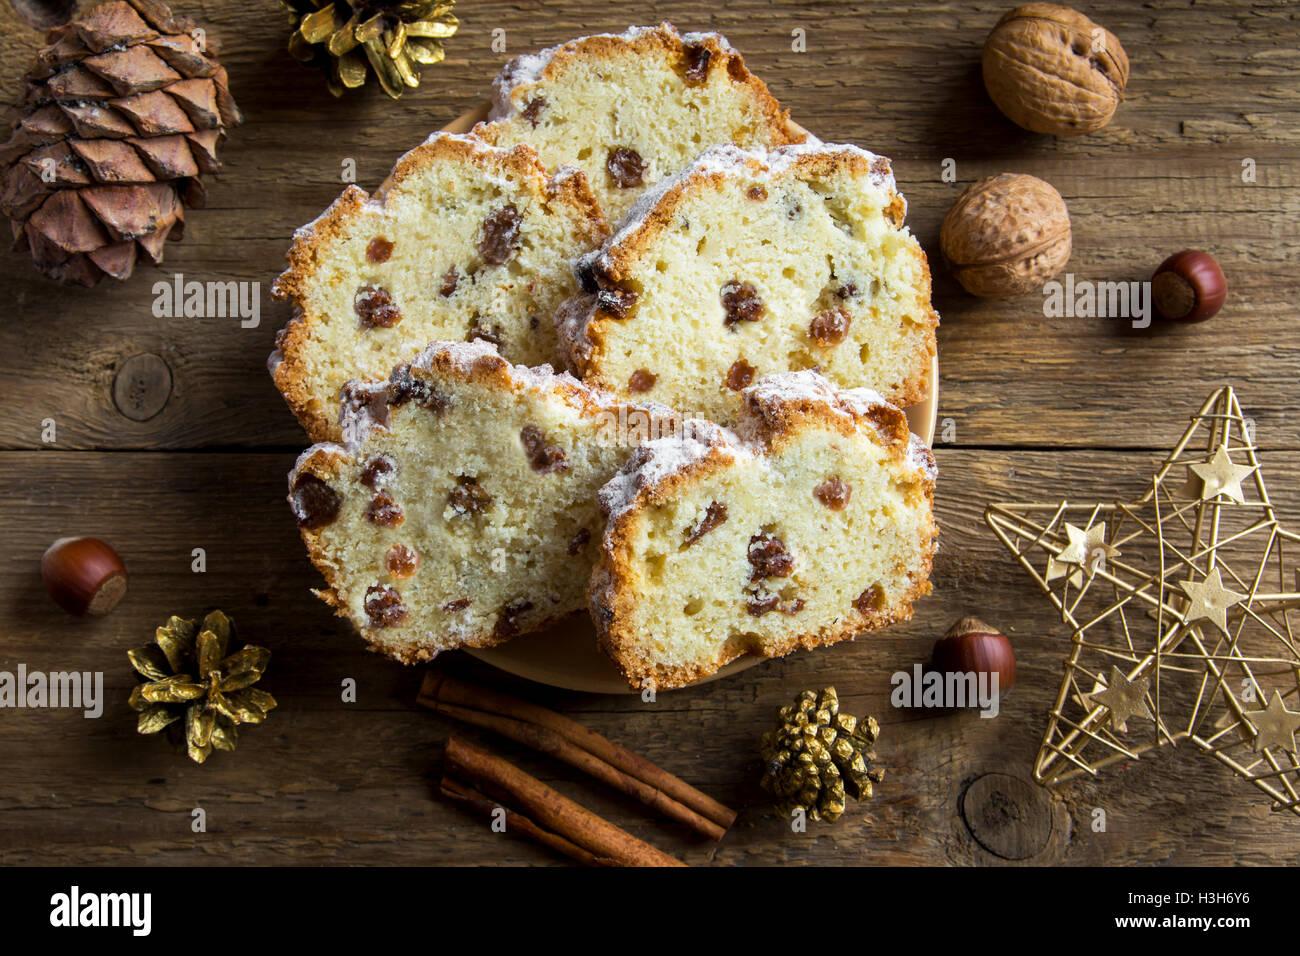 Weihnachten festlich Früchtebrot (Kuchen) auf rustikalem Holzbrett - hausgemachte Weihnachtsbäckerei Stockbild